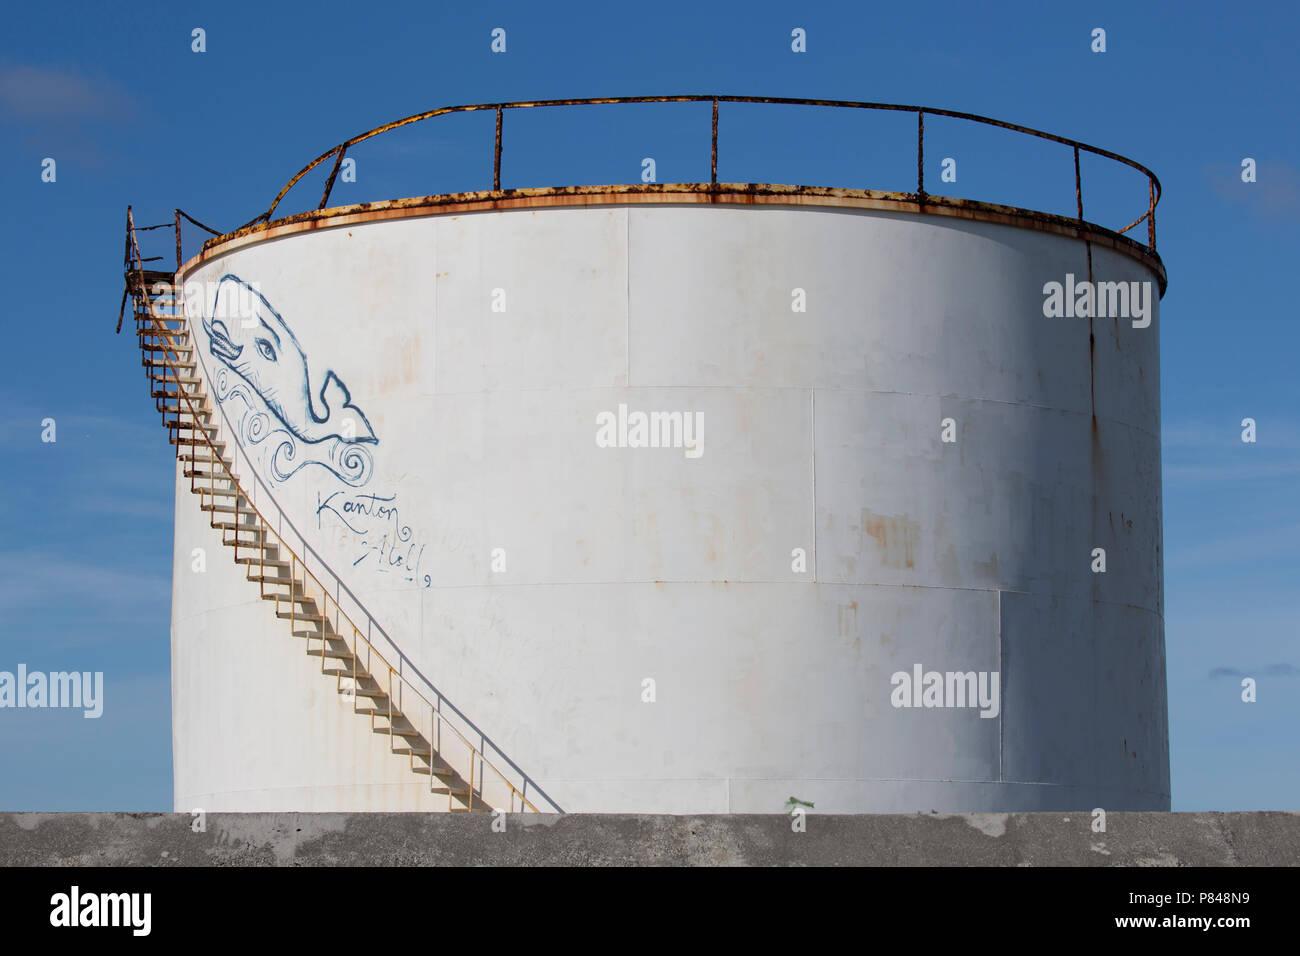 Old WWII water tank on Kanton Island, Kiribati with graffiti - Stock Image